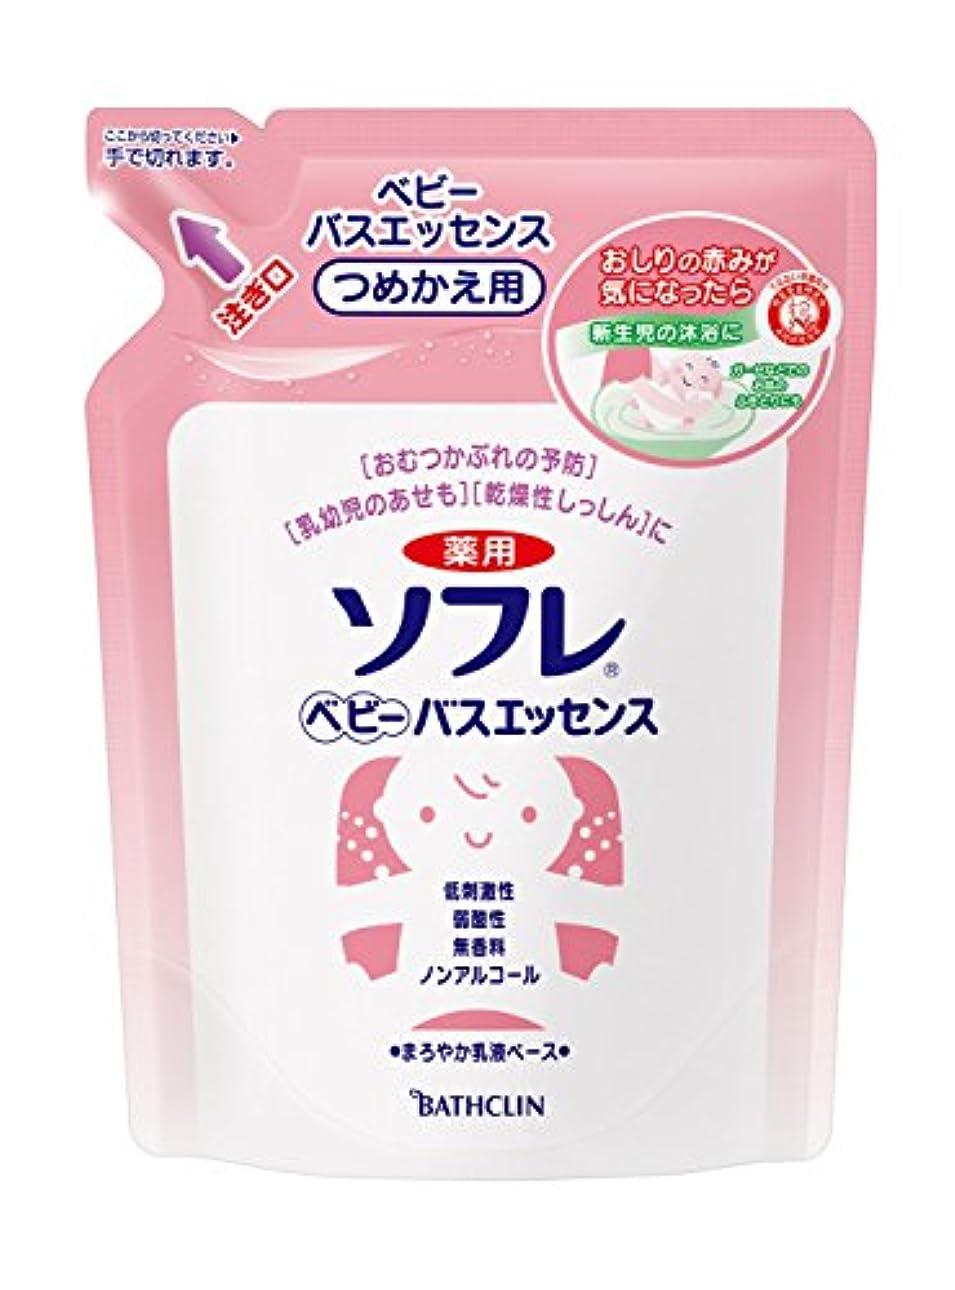 化学鉱石寝室を掃除する薬用ソフレ ベビーバスエッセンスつめかえ用 400mL 入浴剤 (医薬部外品)